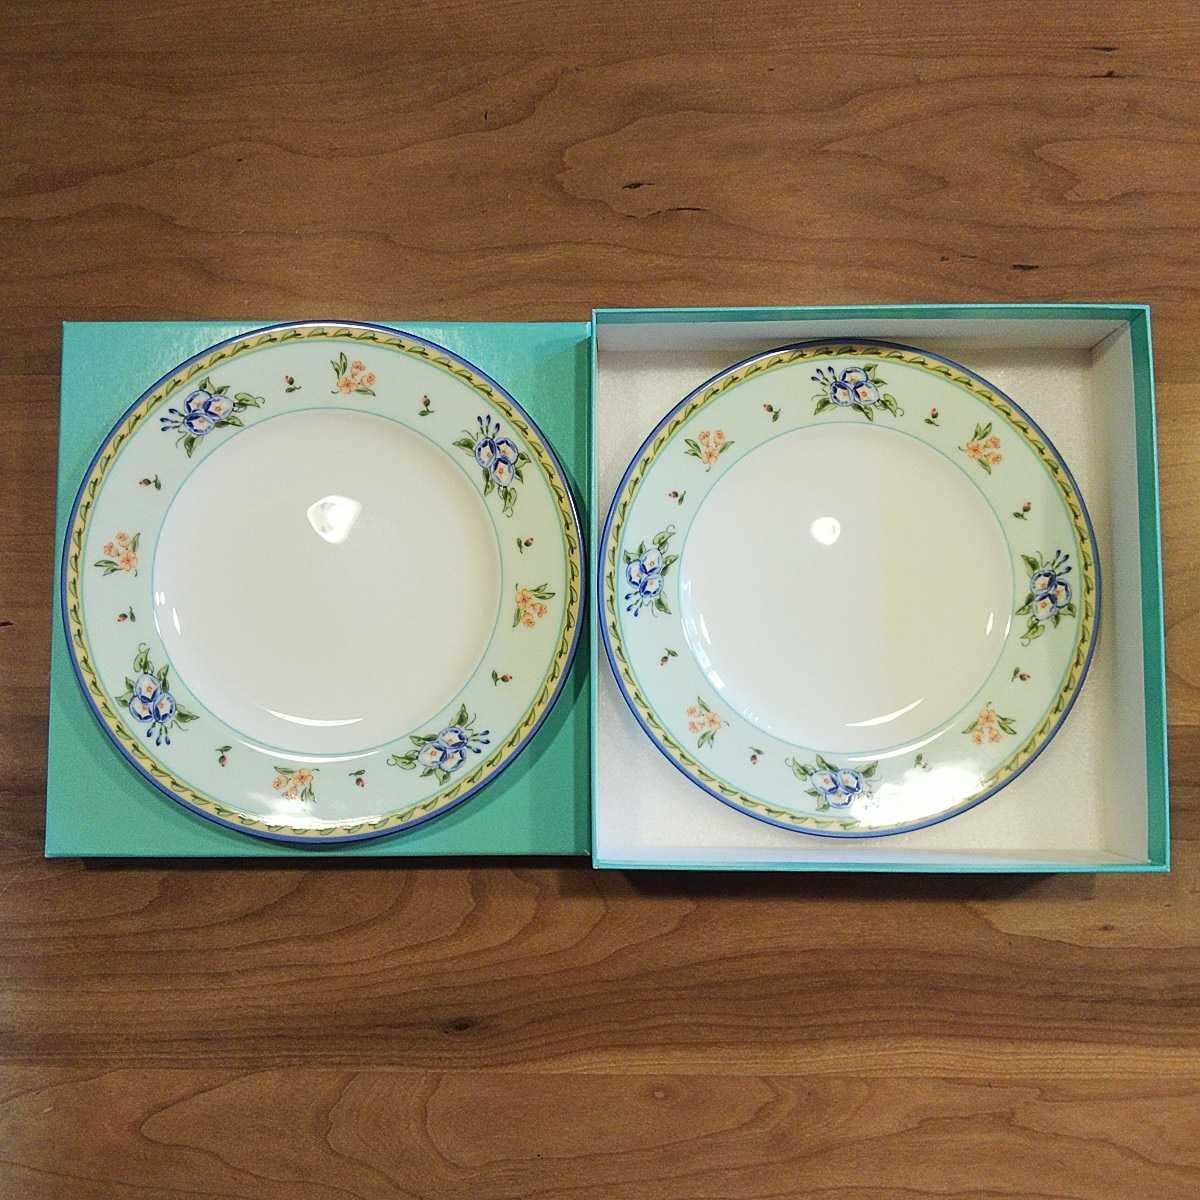 ティファニー 皿 2枚組(新品・未使用)